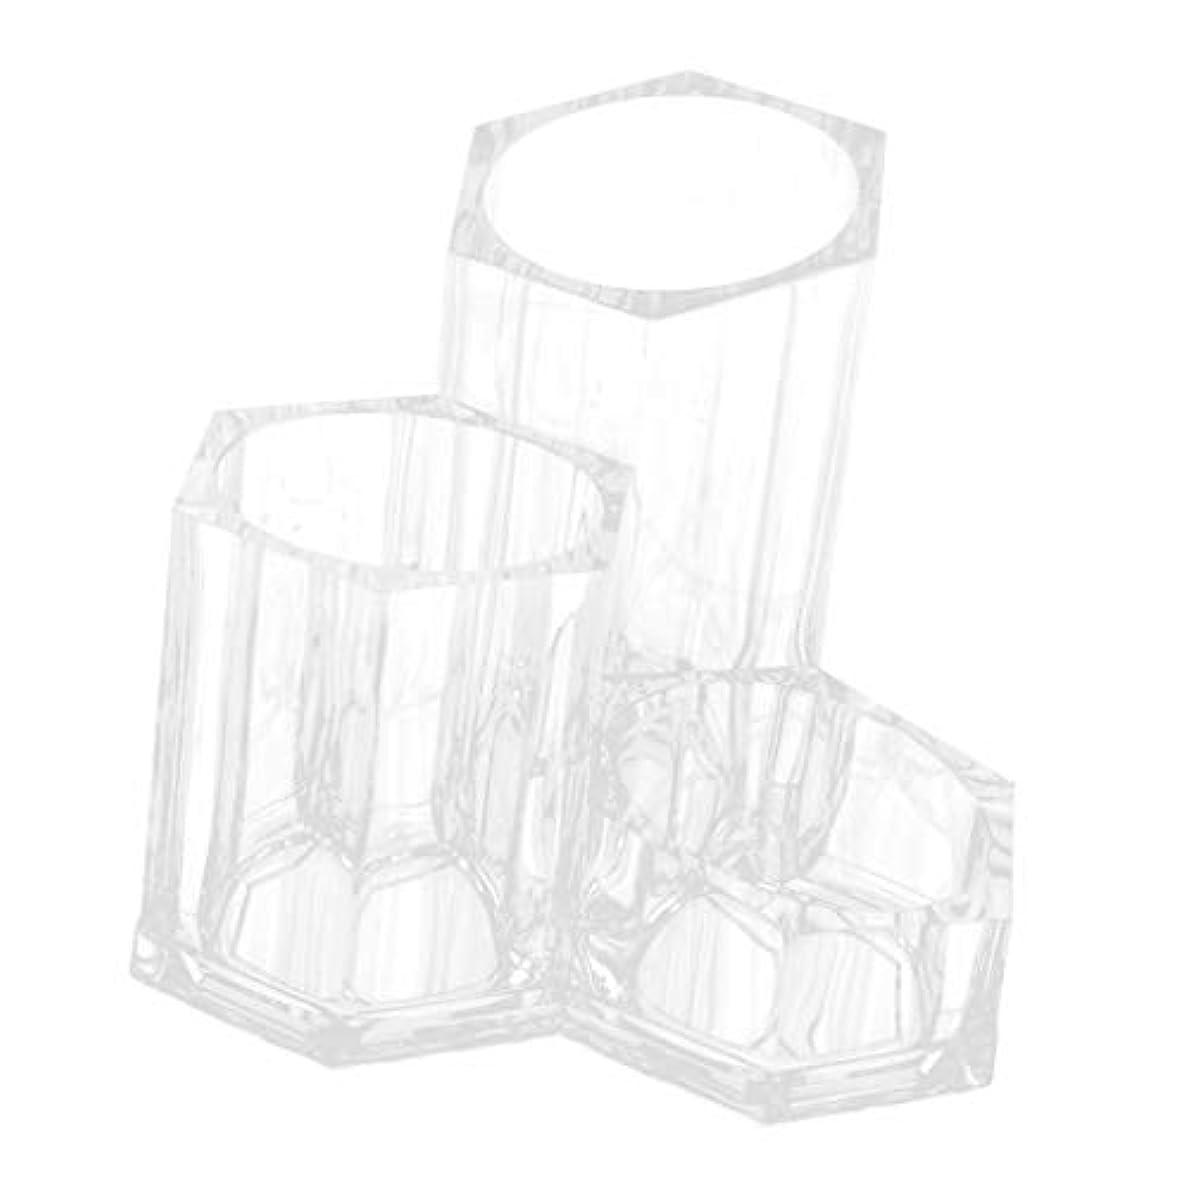 dailymall コスメブラシケース アクリル収納 メイクブラシケース リップスティック収納 化粧筆 立て 透明